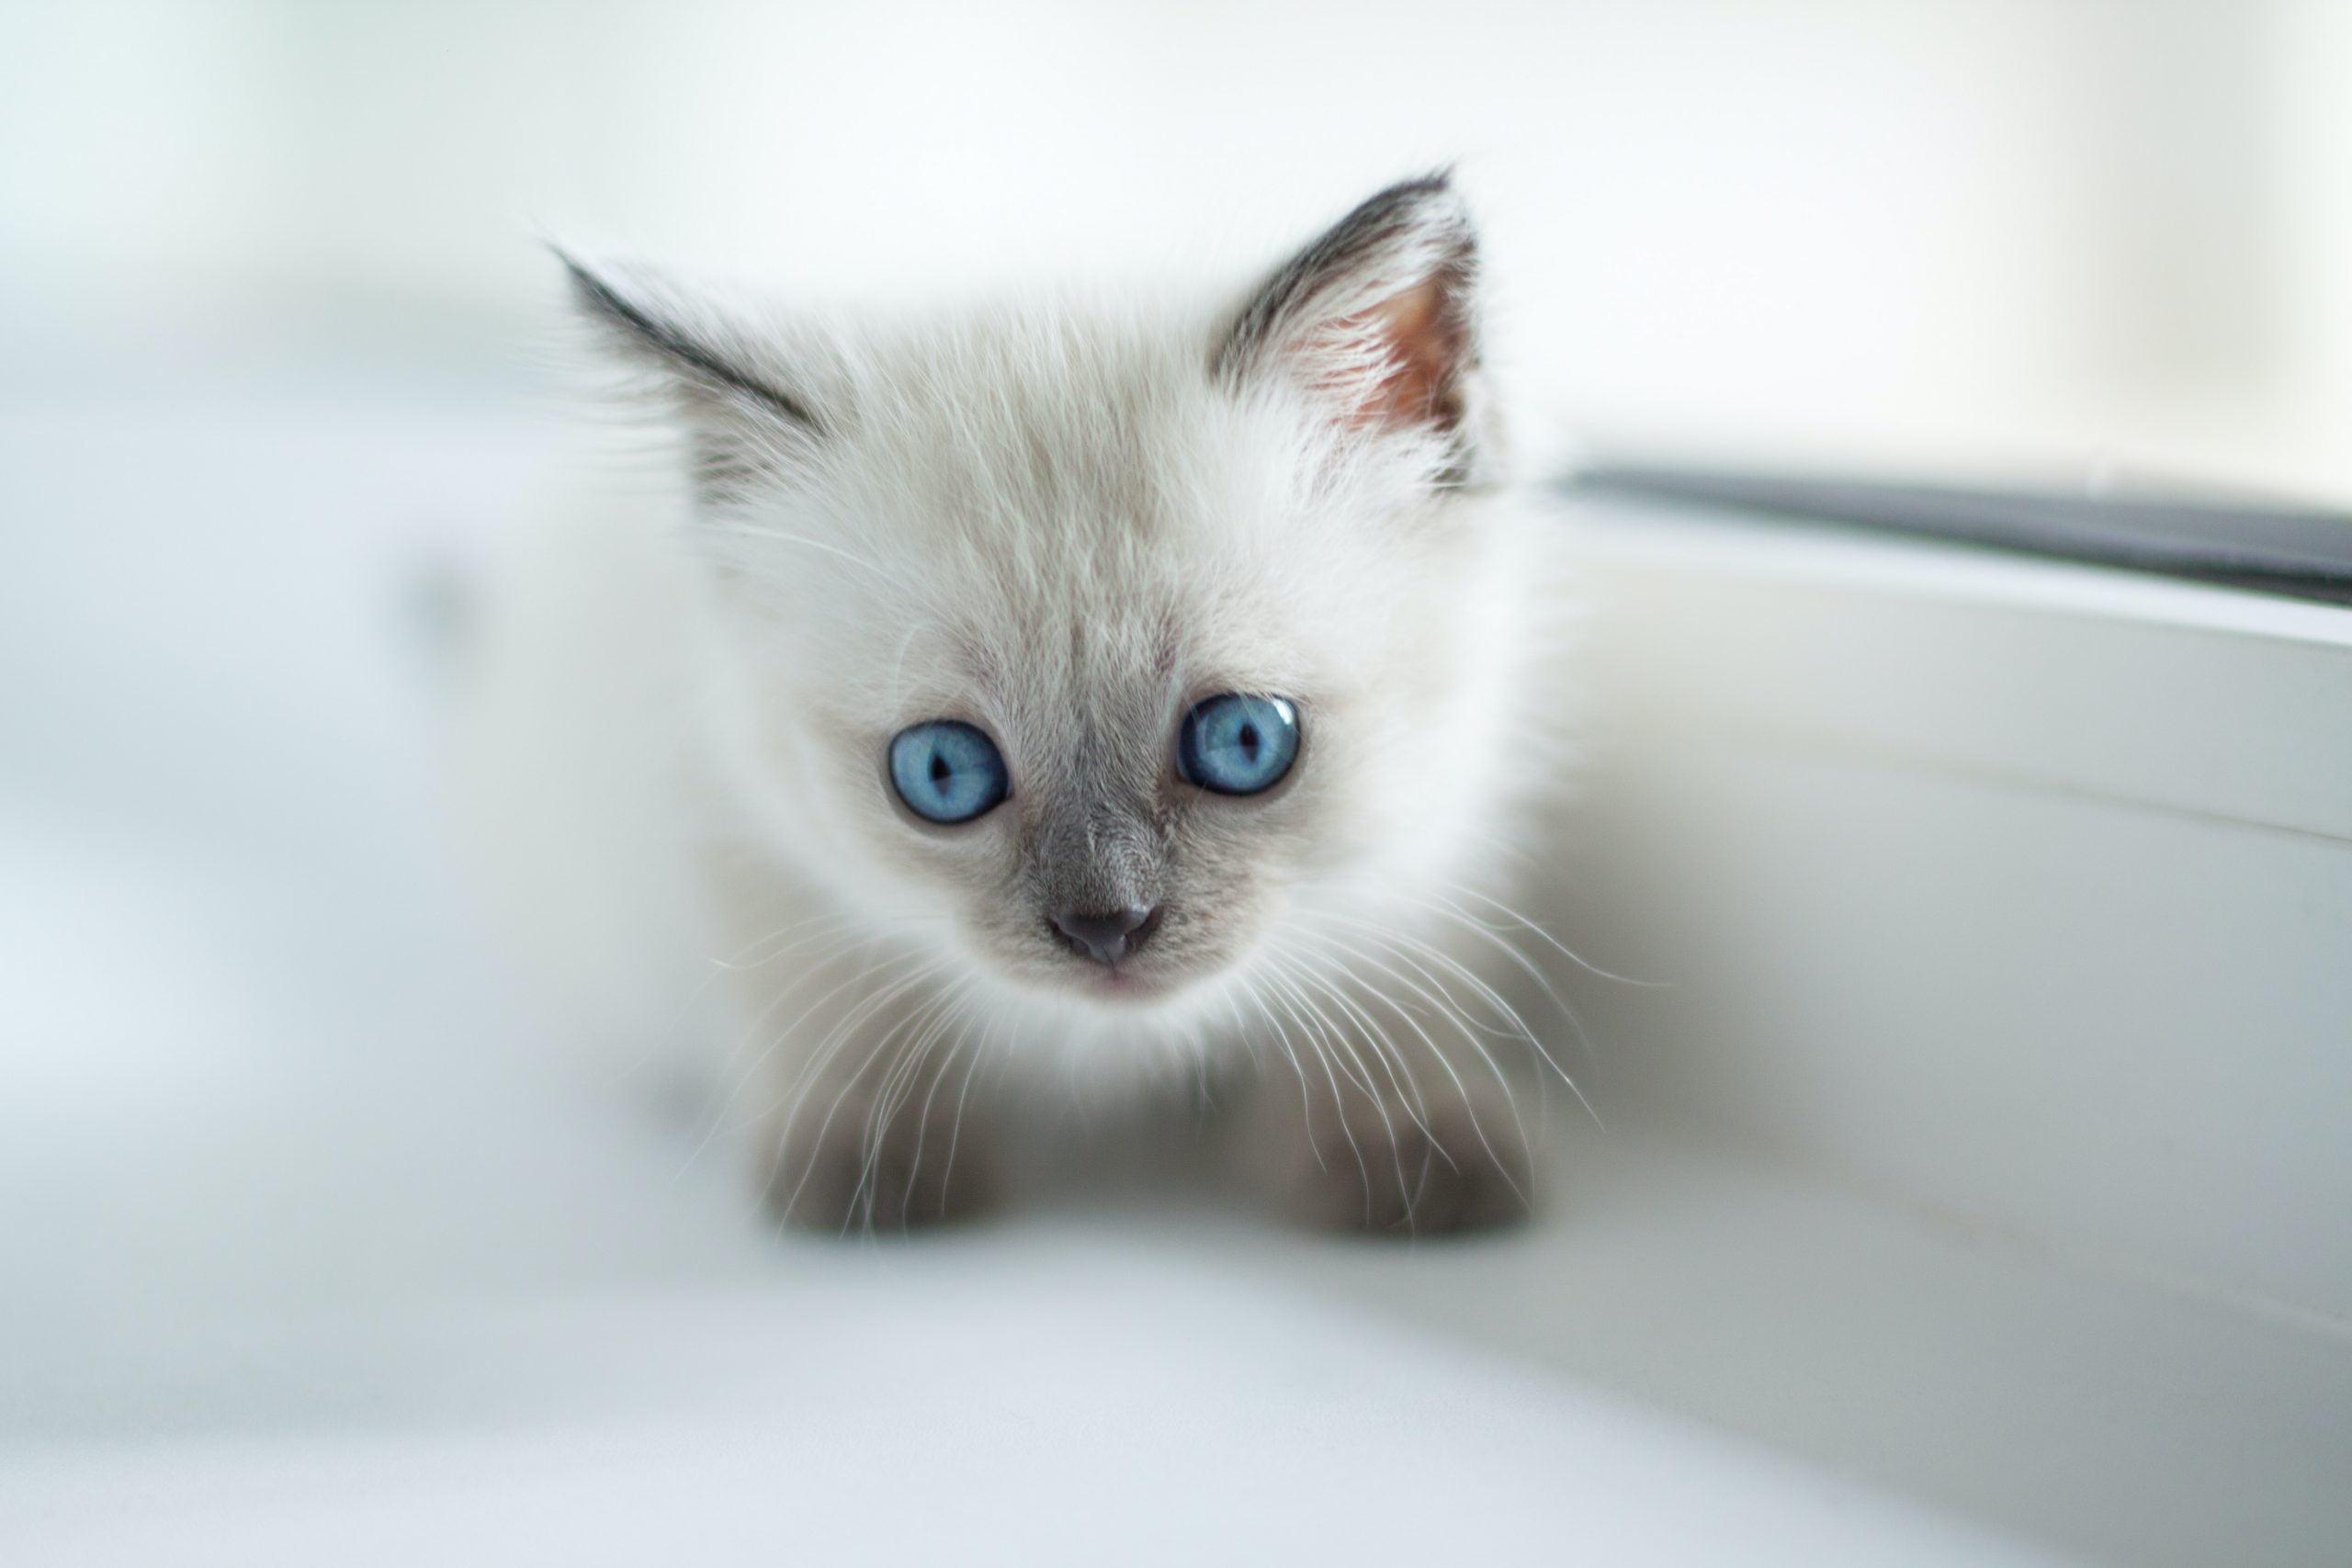 ¿Cuándo abren los ojos los gatitos? 1